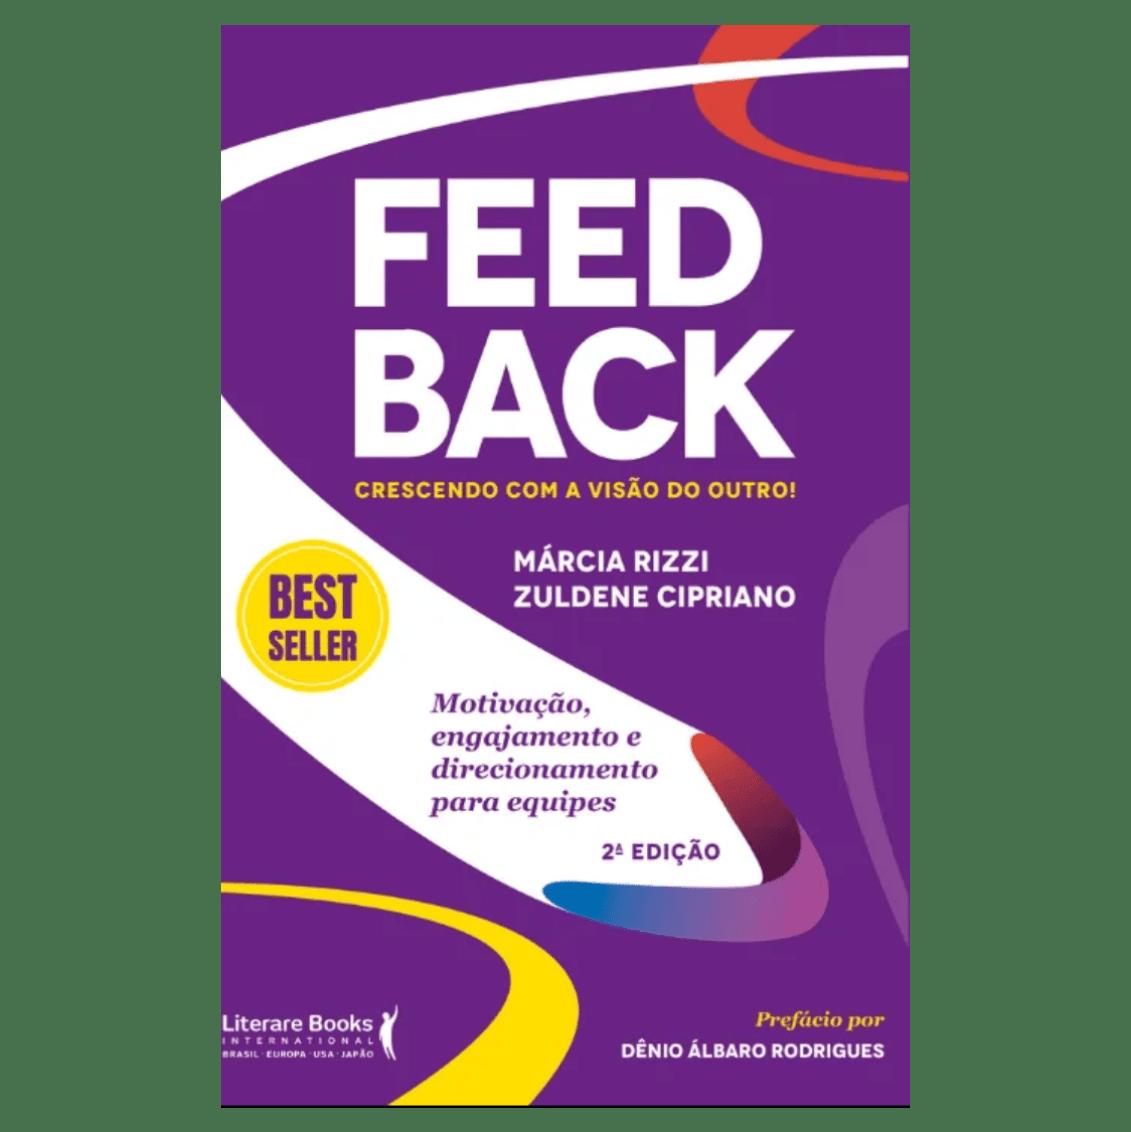 Feedback: crescendo com a visão do outro! motivação, engajamento e direcionamento para equipes